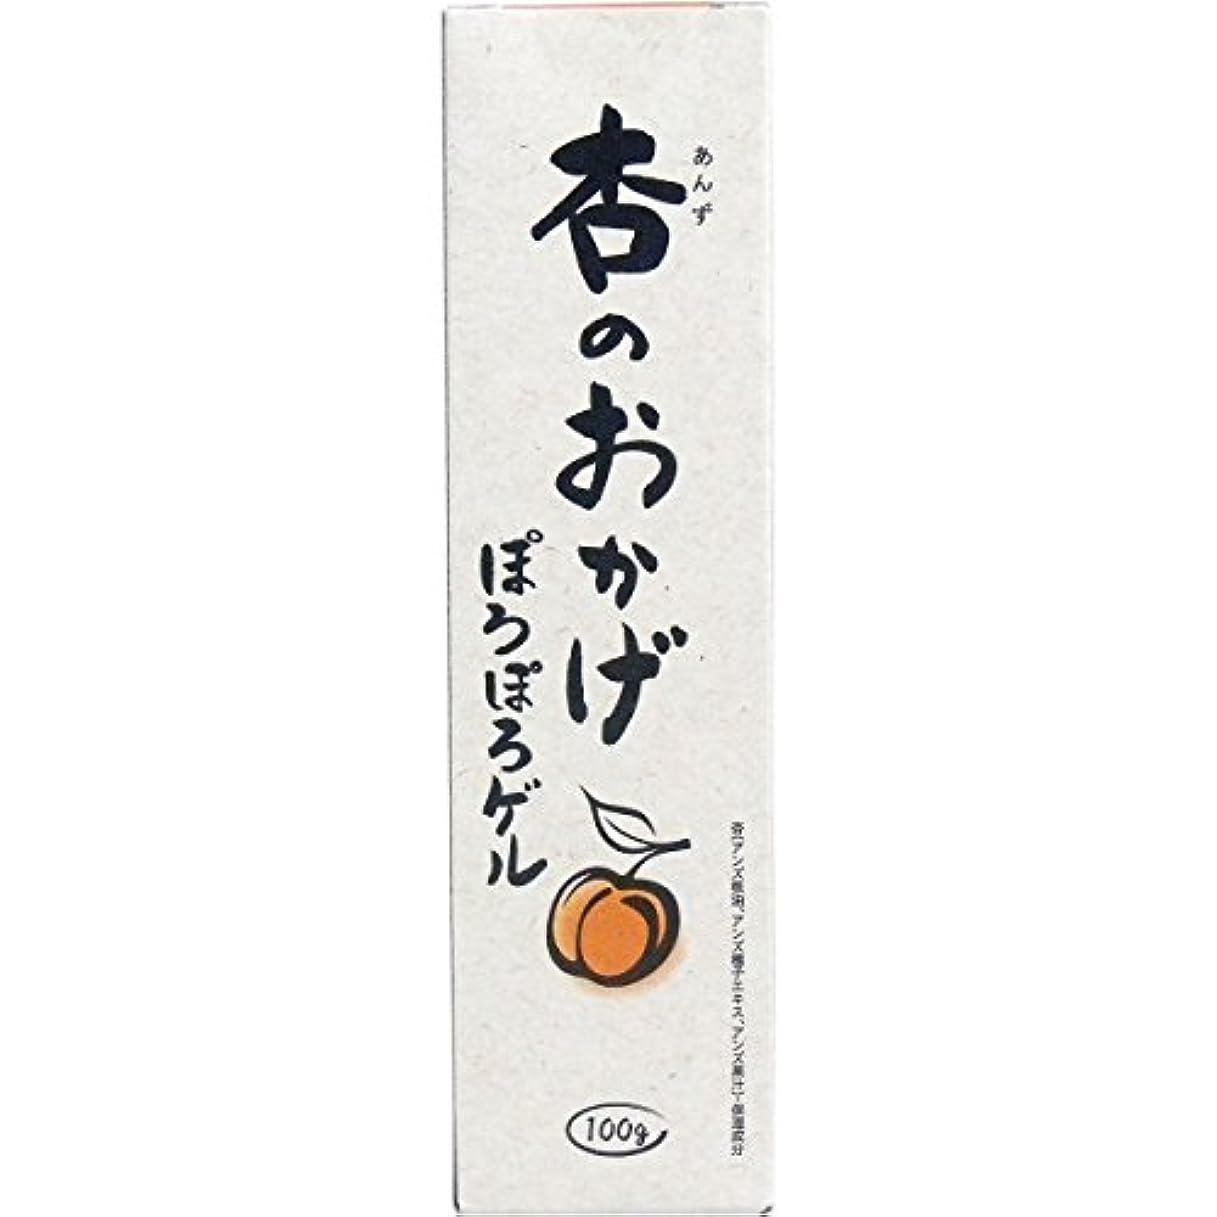 キノコ壮大なプレゼンテーション杏のおかげ ぽろぽろゲル 100g